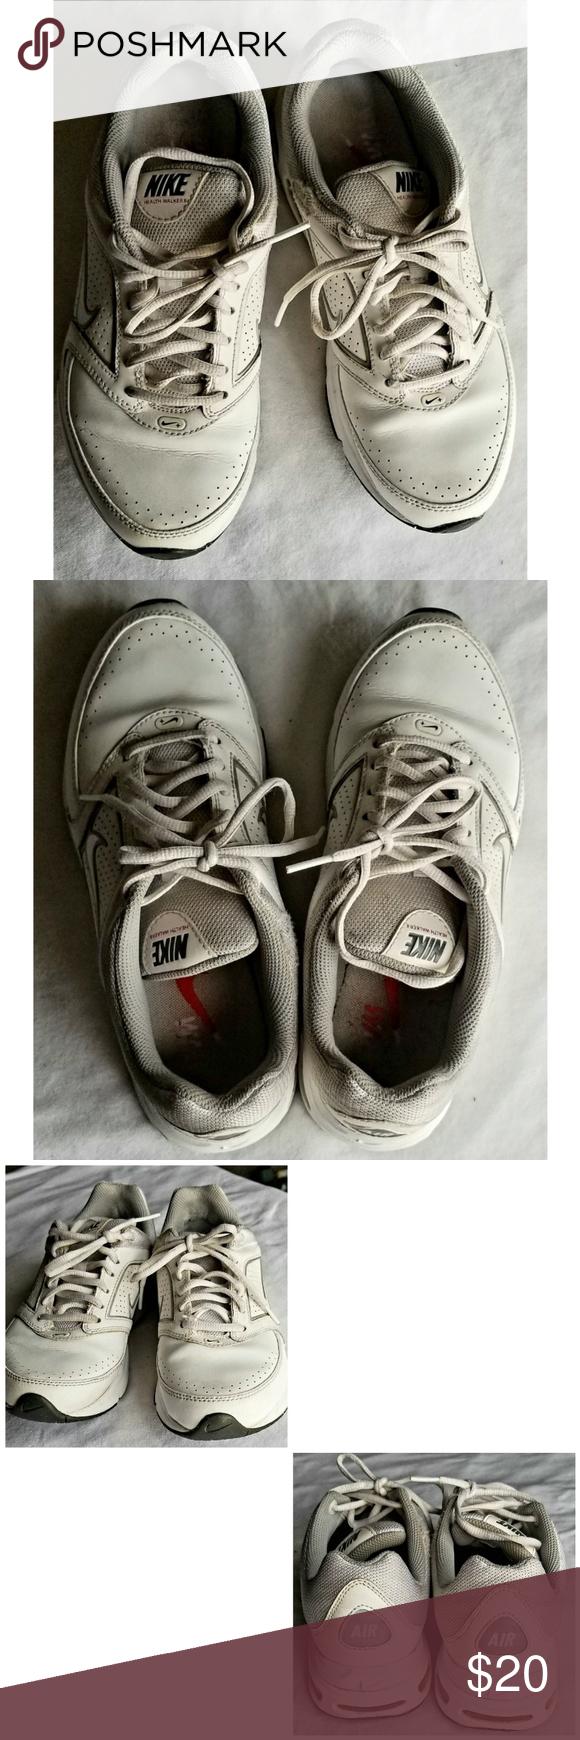 Nike HEALTH WALKERS Shoes Women Sz 8